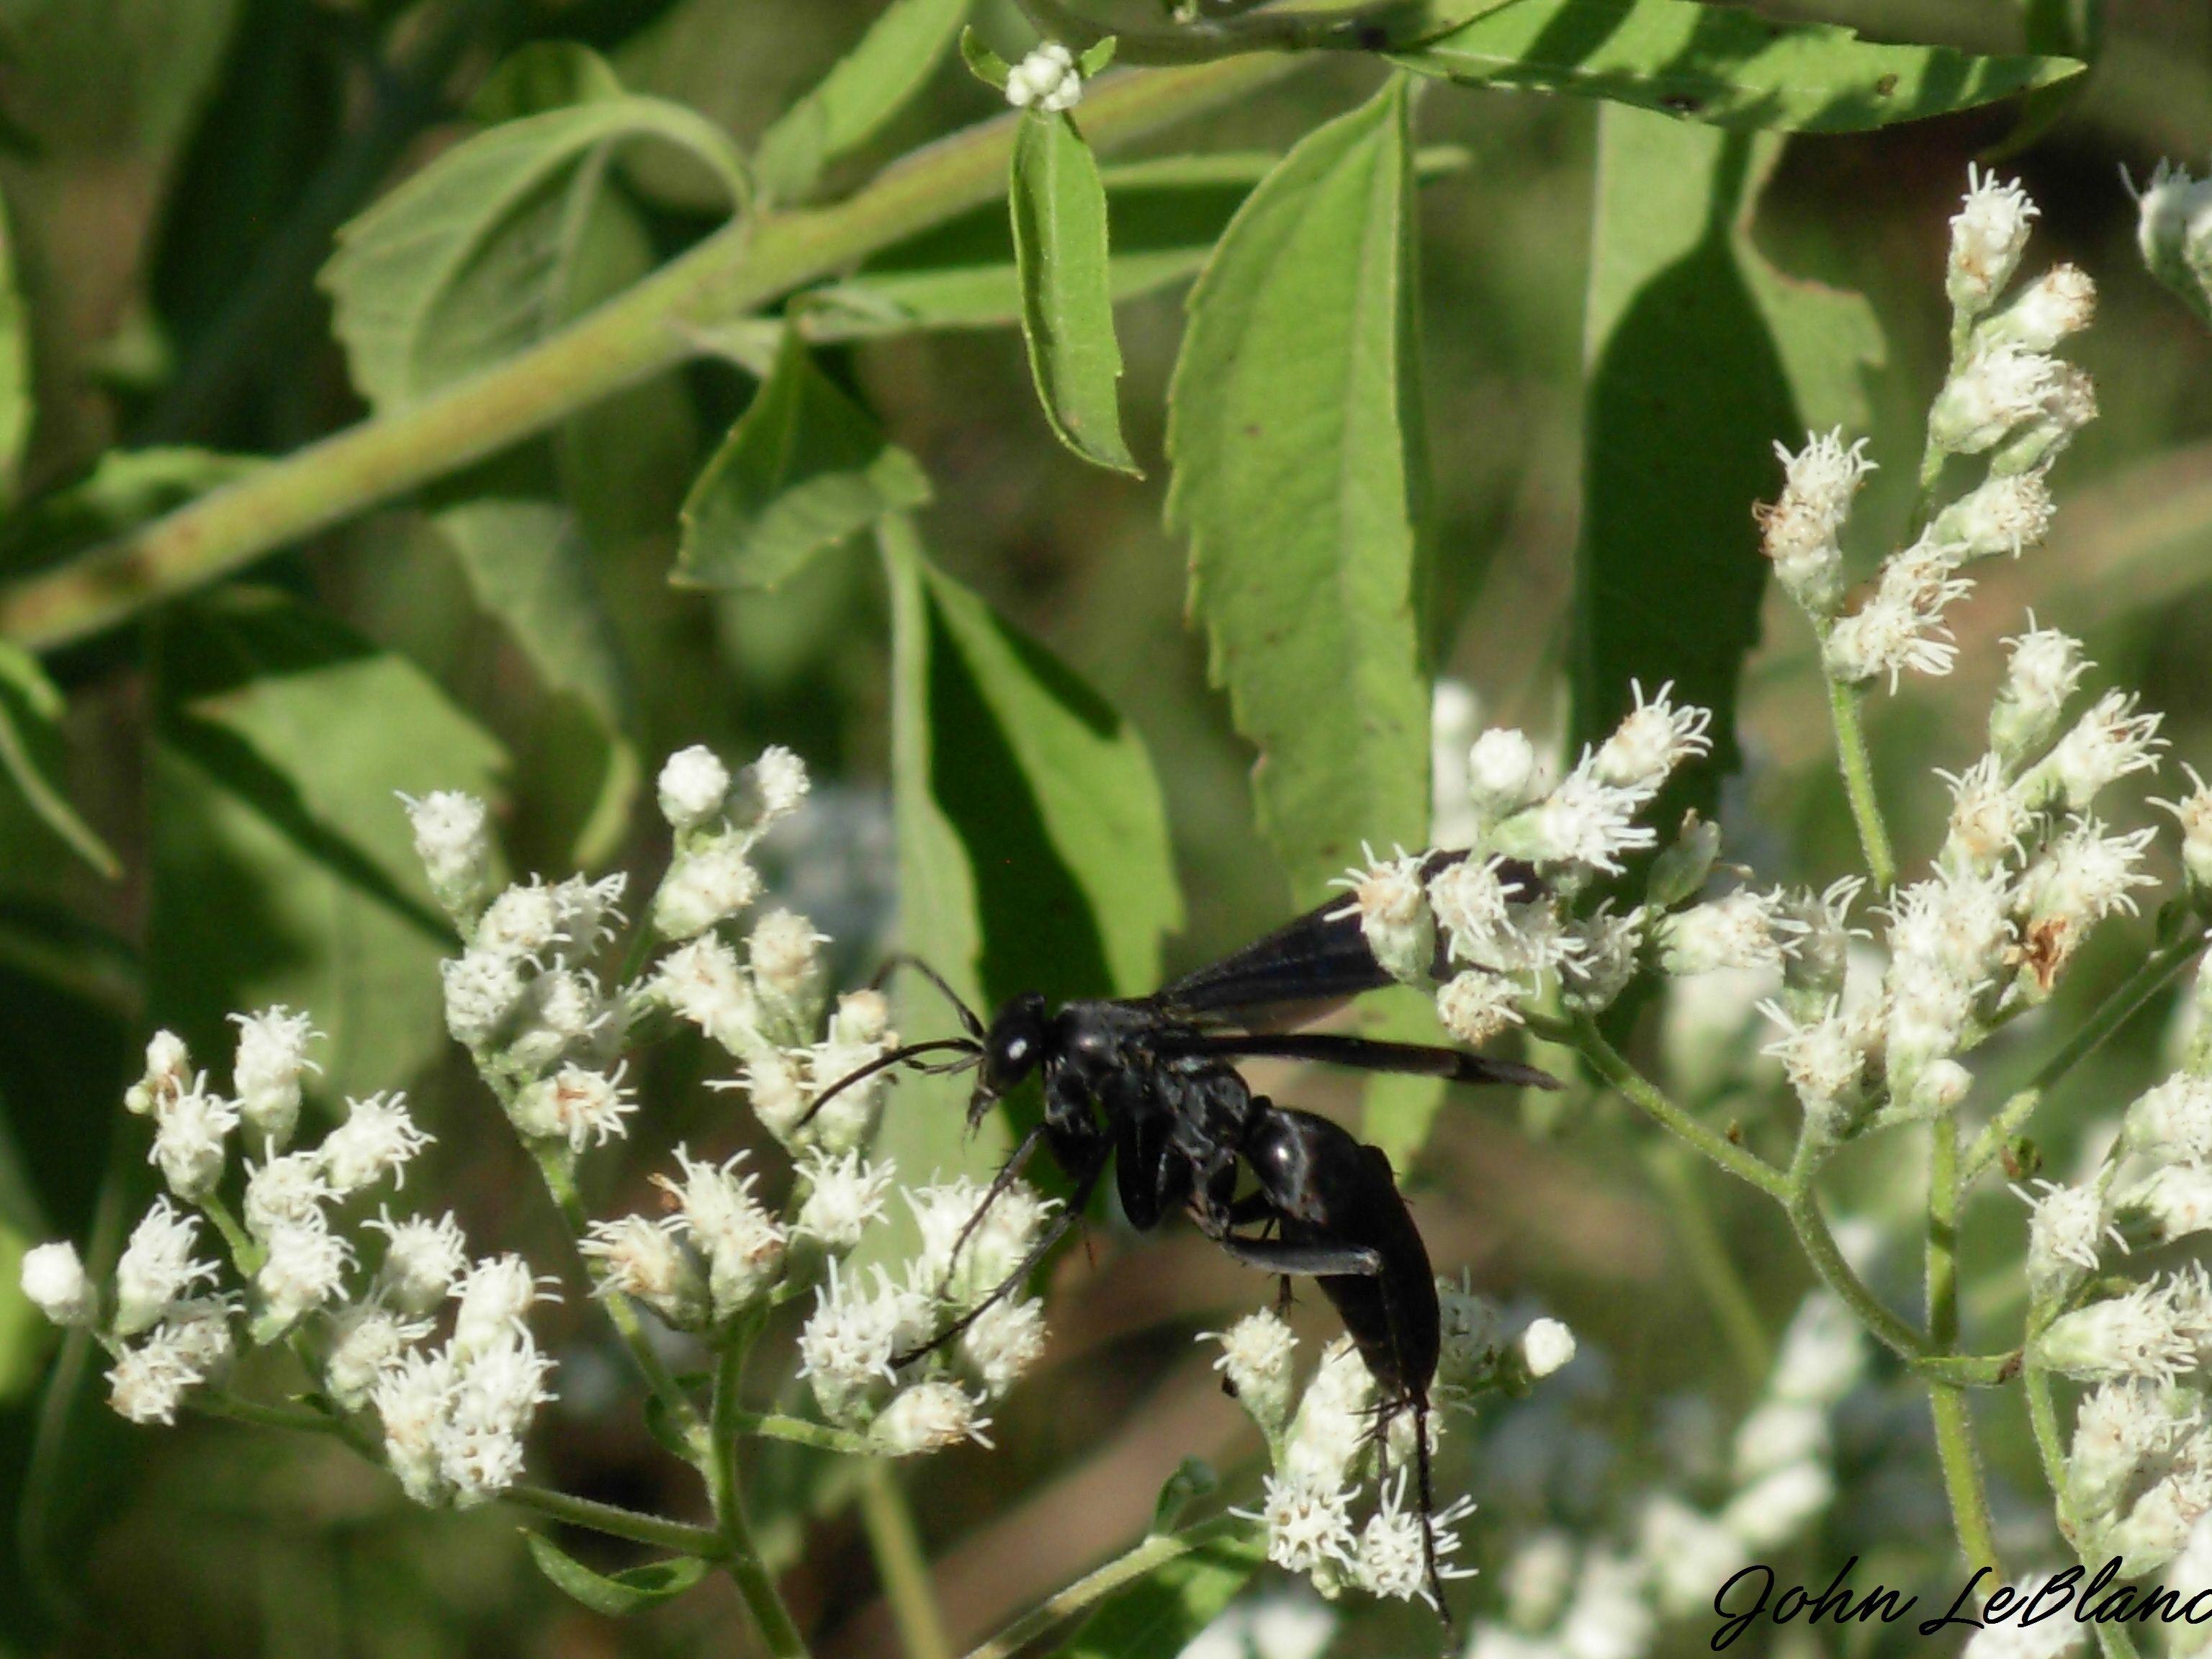 Black Flower Wasp